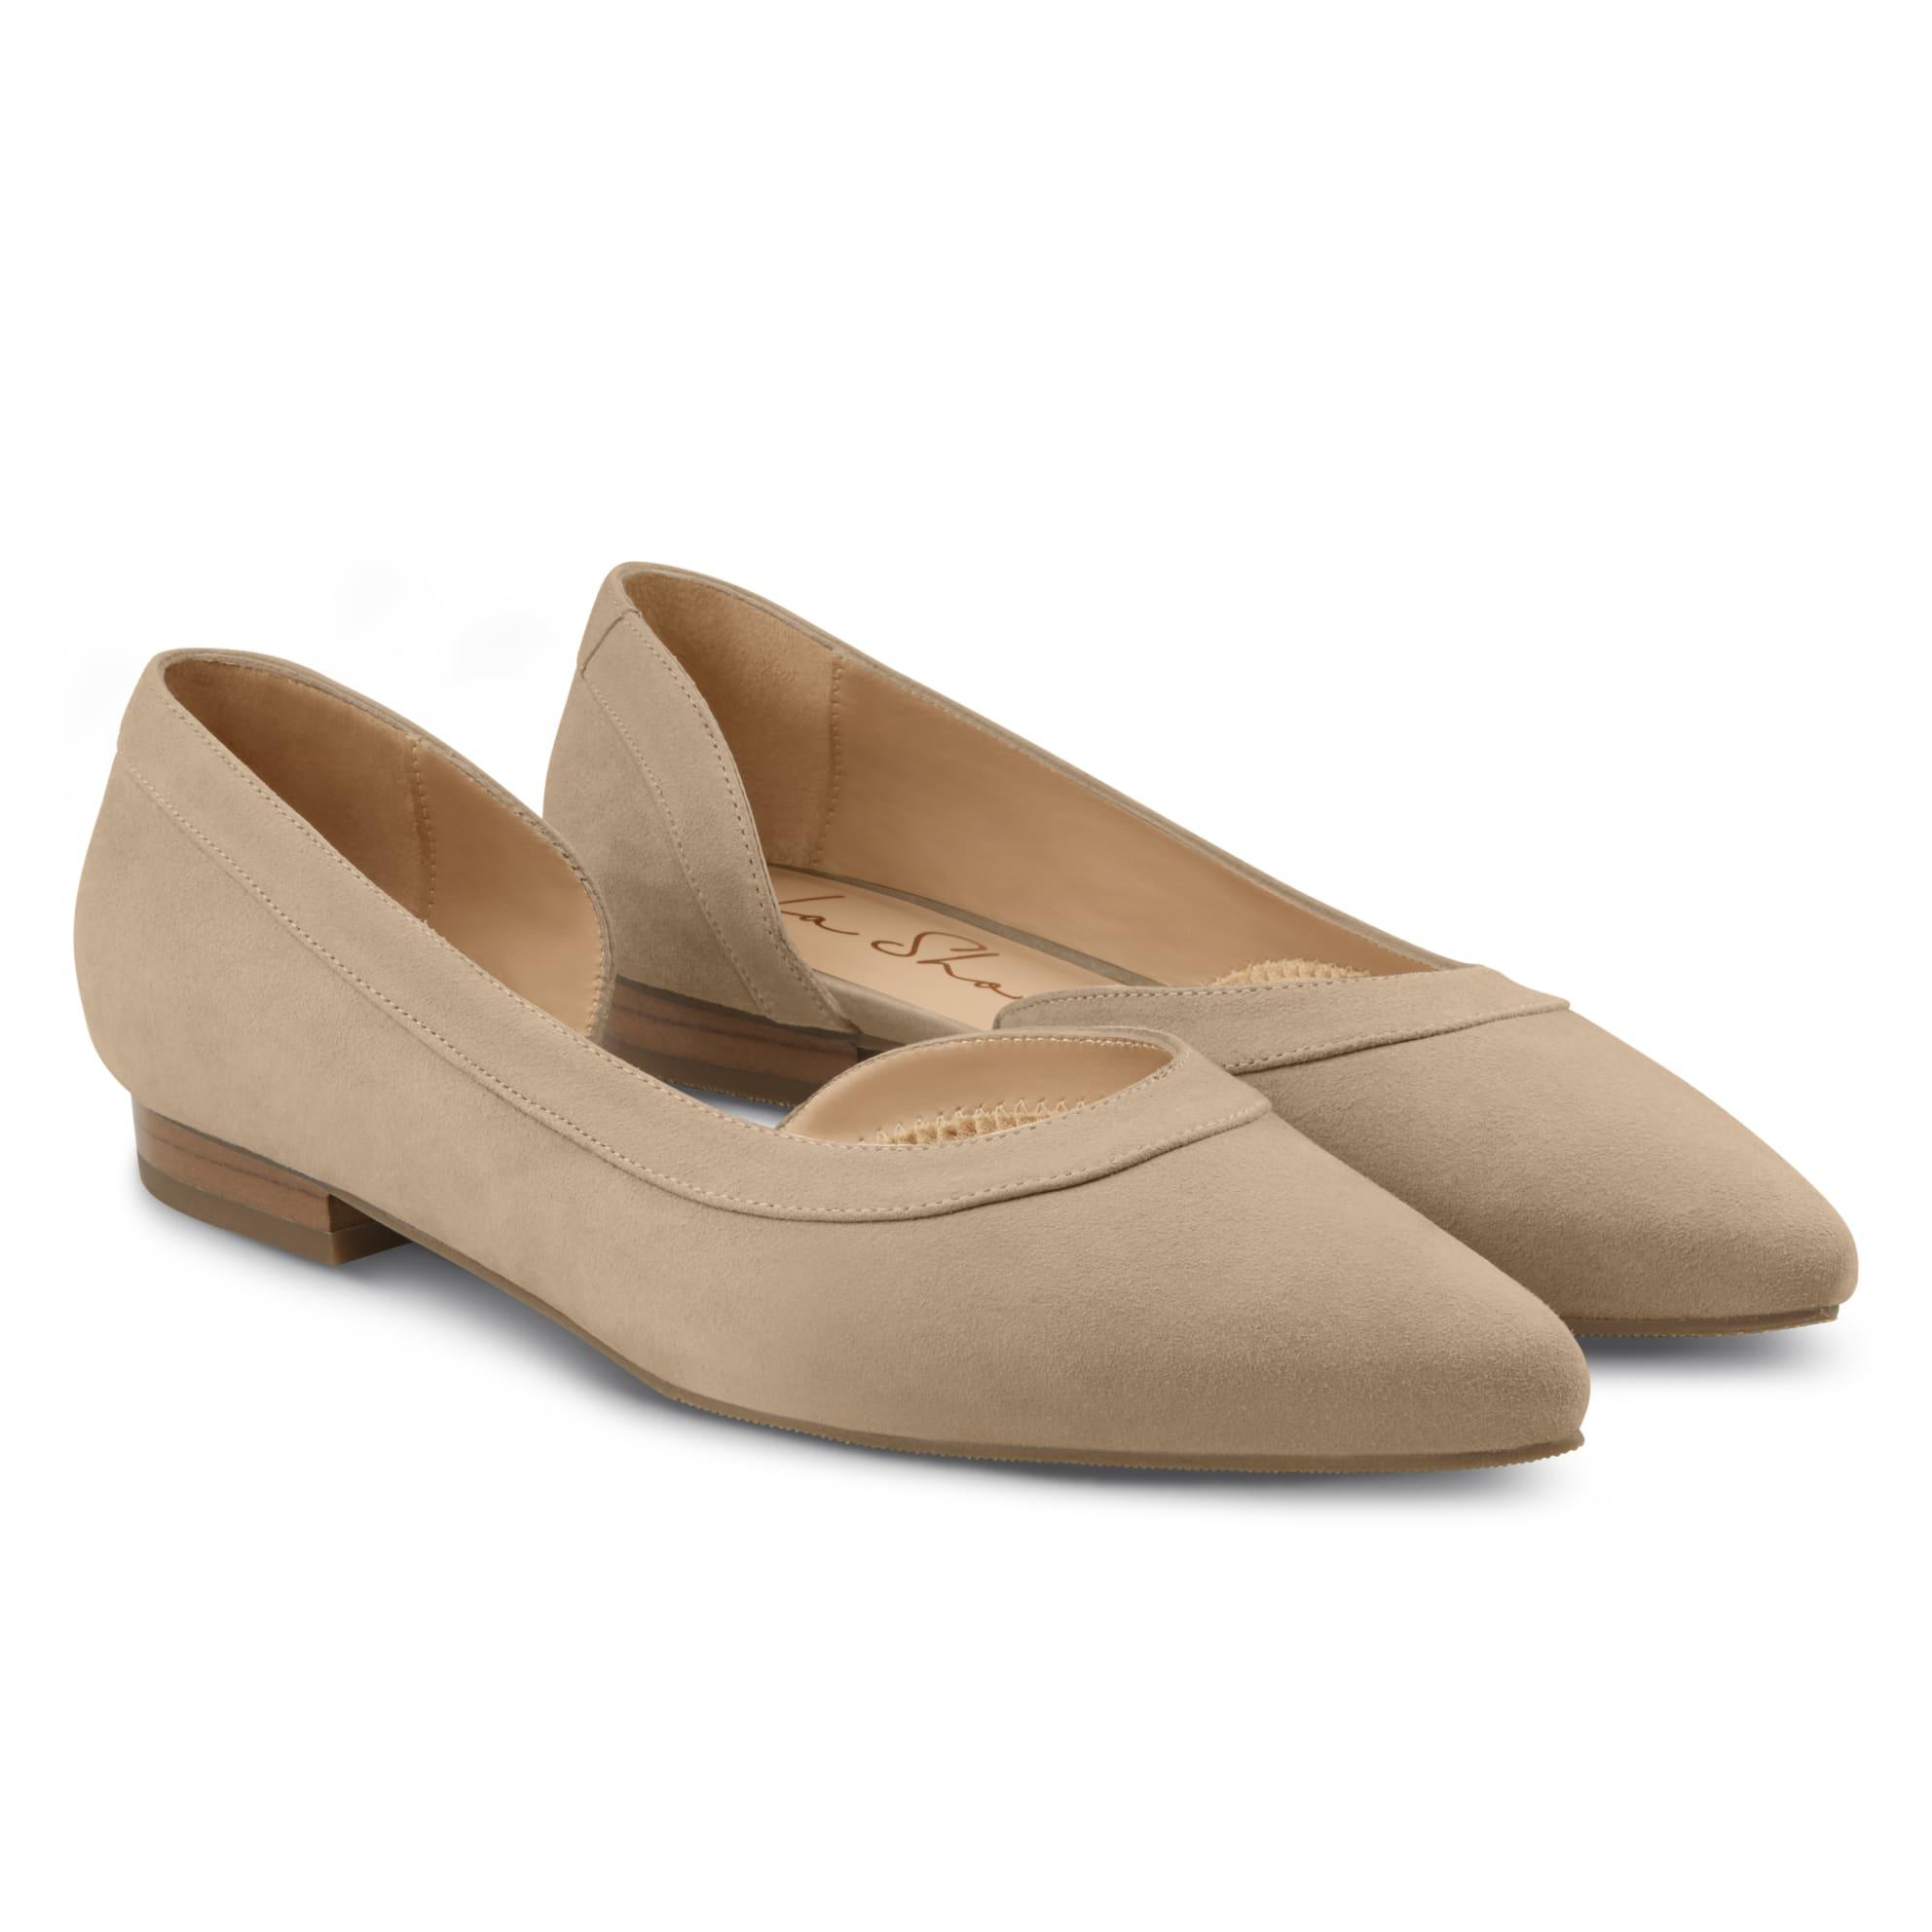 Ballerina mit Cut-Out Beige – modischer und bequemer Schuh für Hallux valgus und empfindliche Füße von LaShoe.de